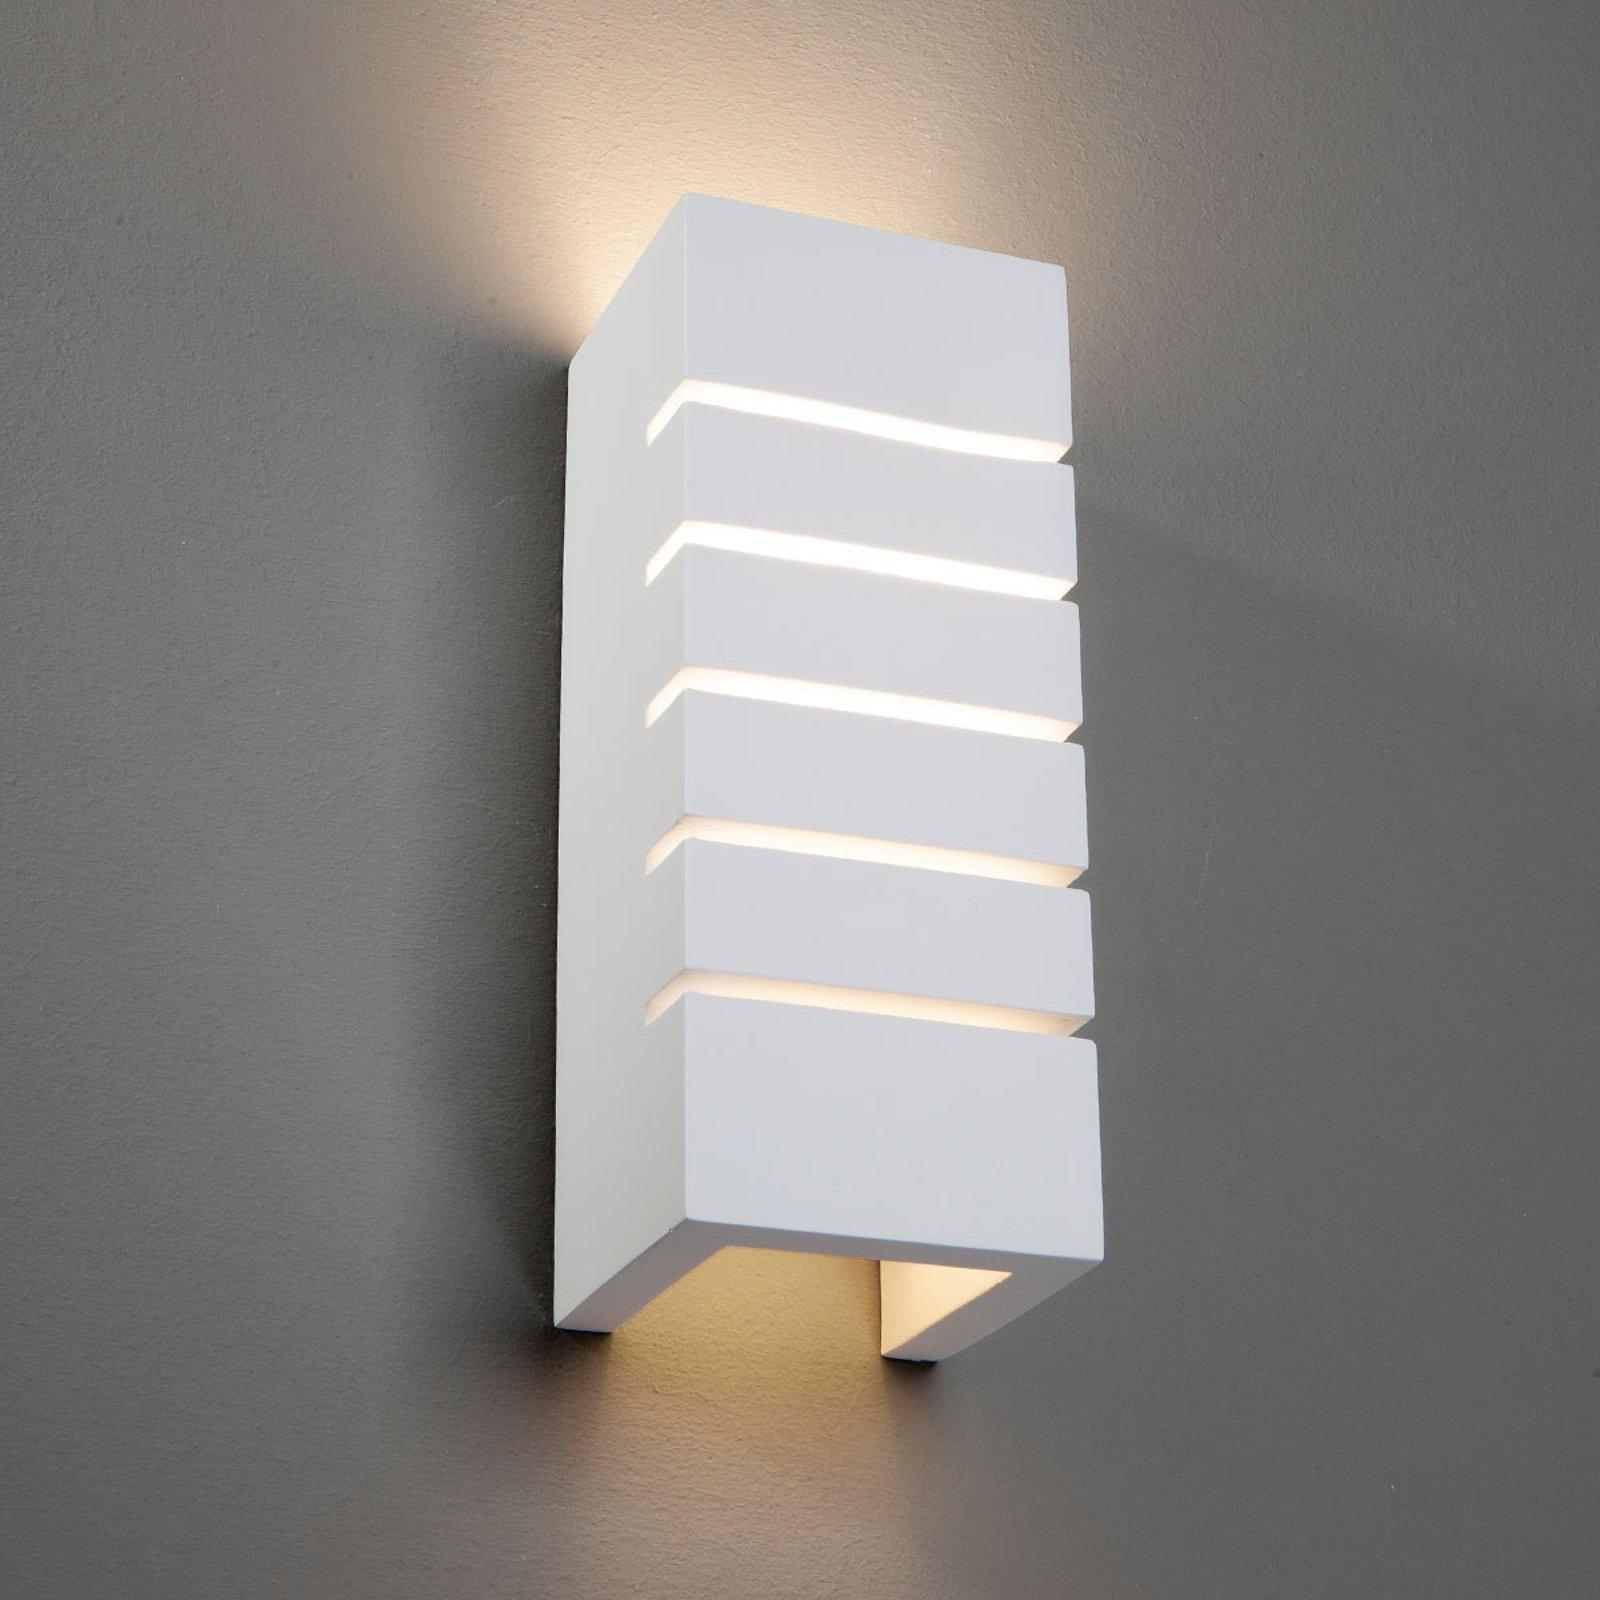 Flavian vegglampe med snittåpning, indirekte lys